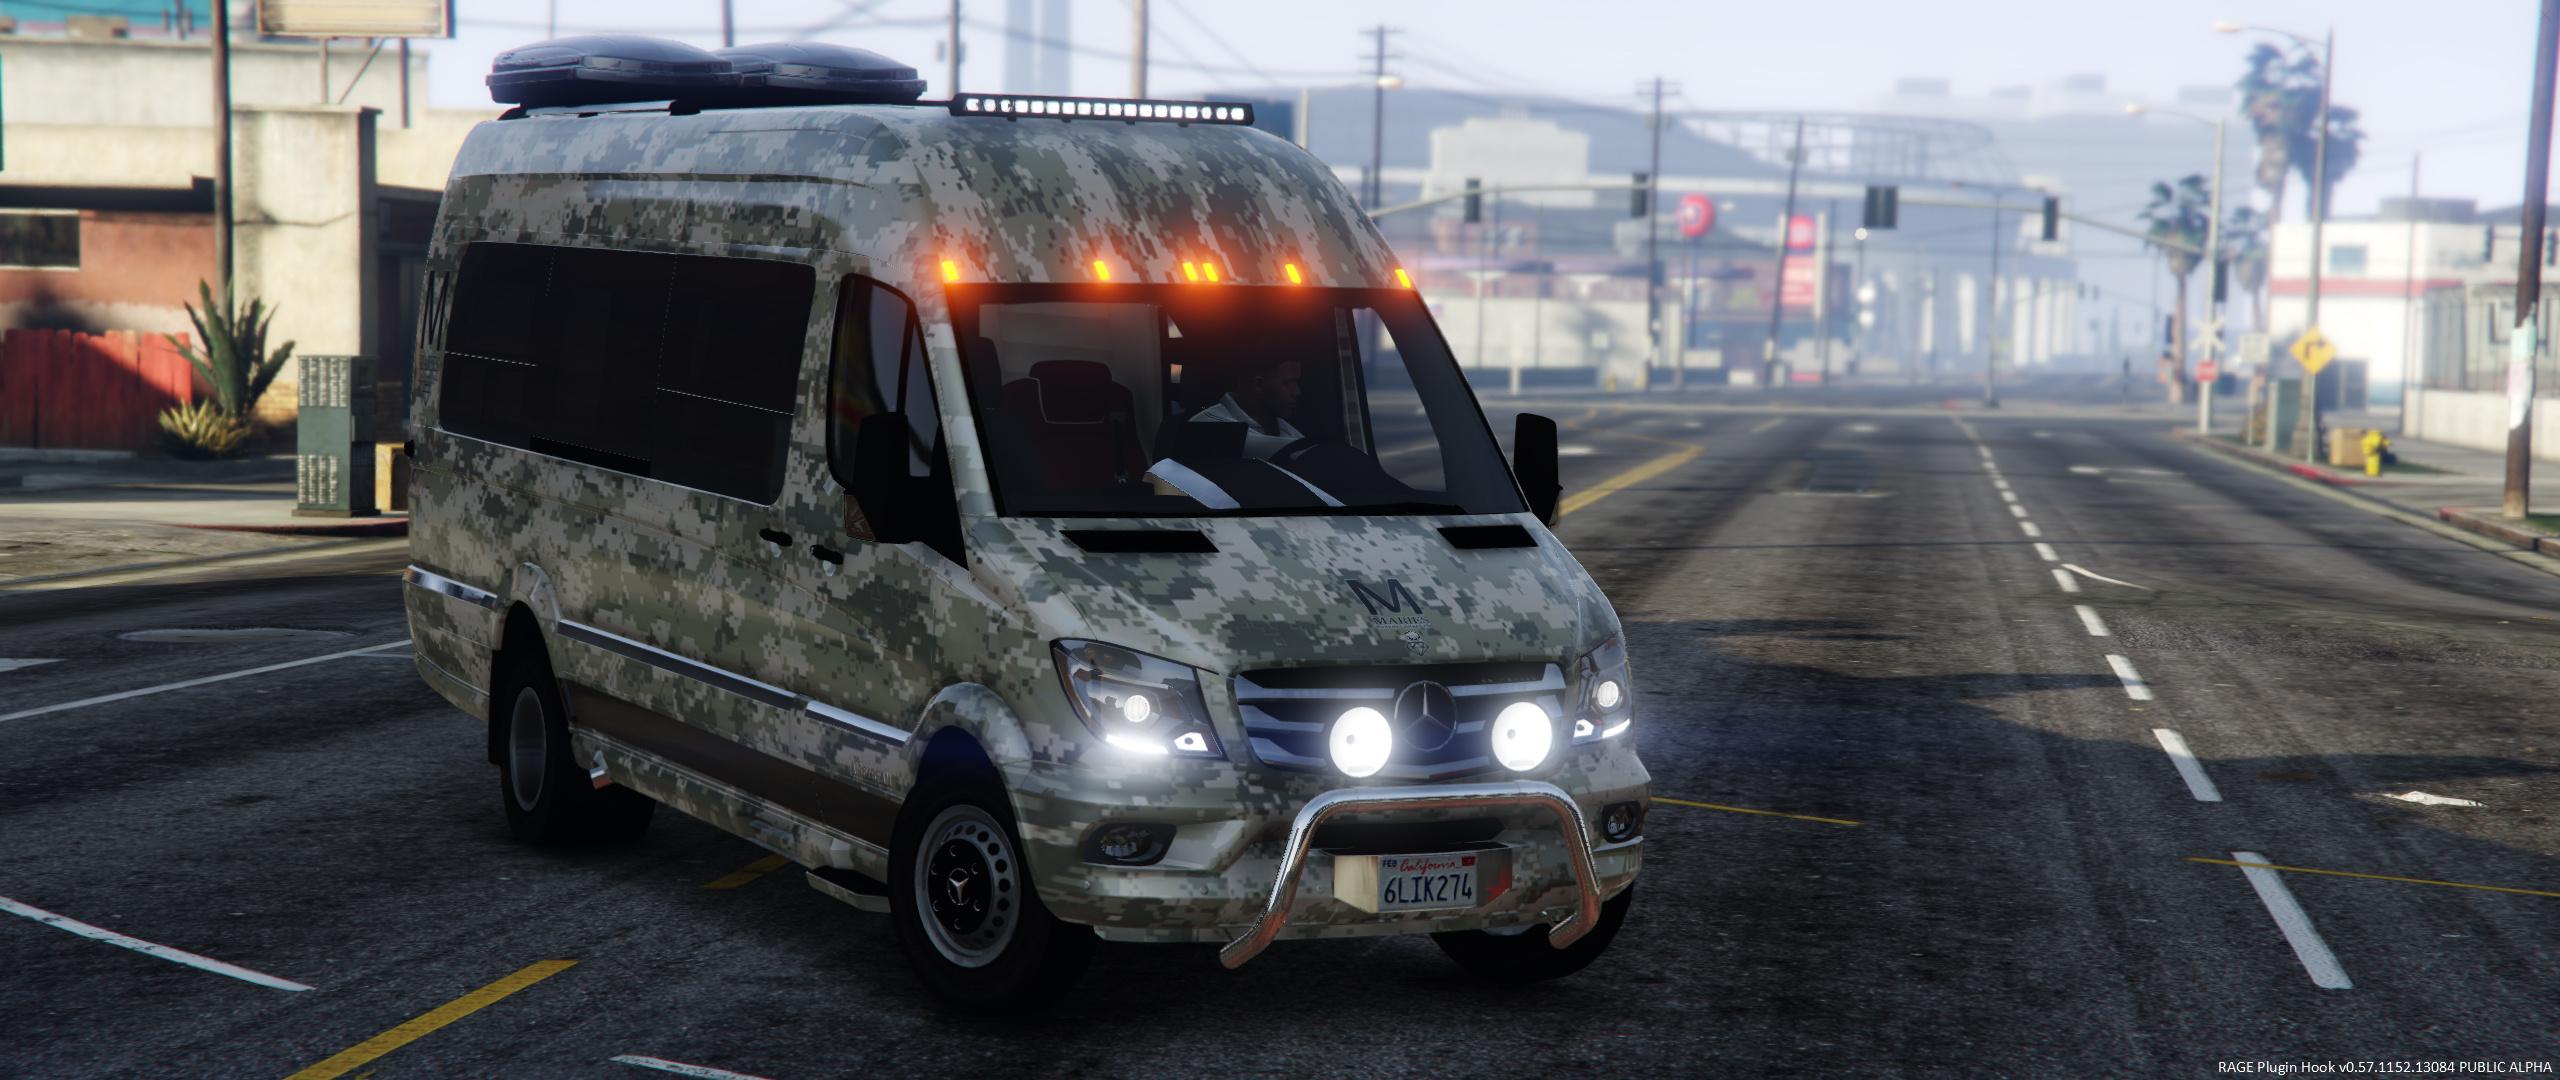 4ab6ce Grand Theft Auto V Screenshot 20180225 11053953